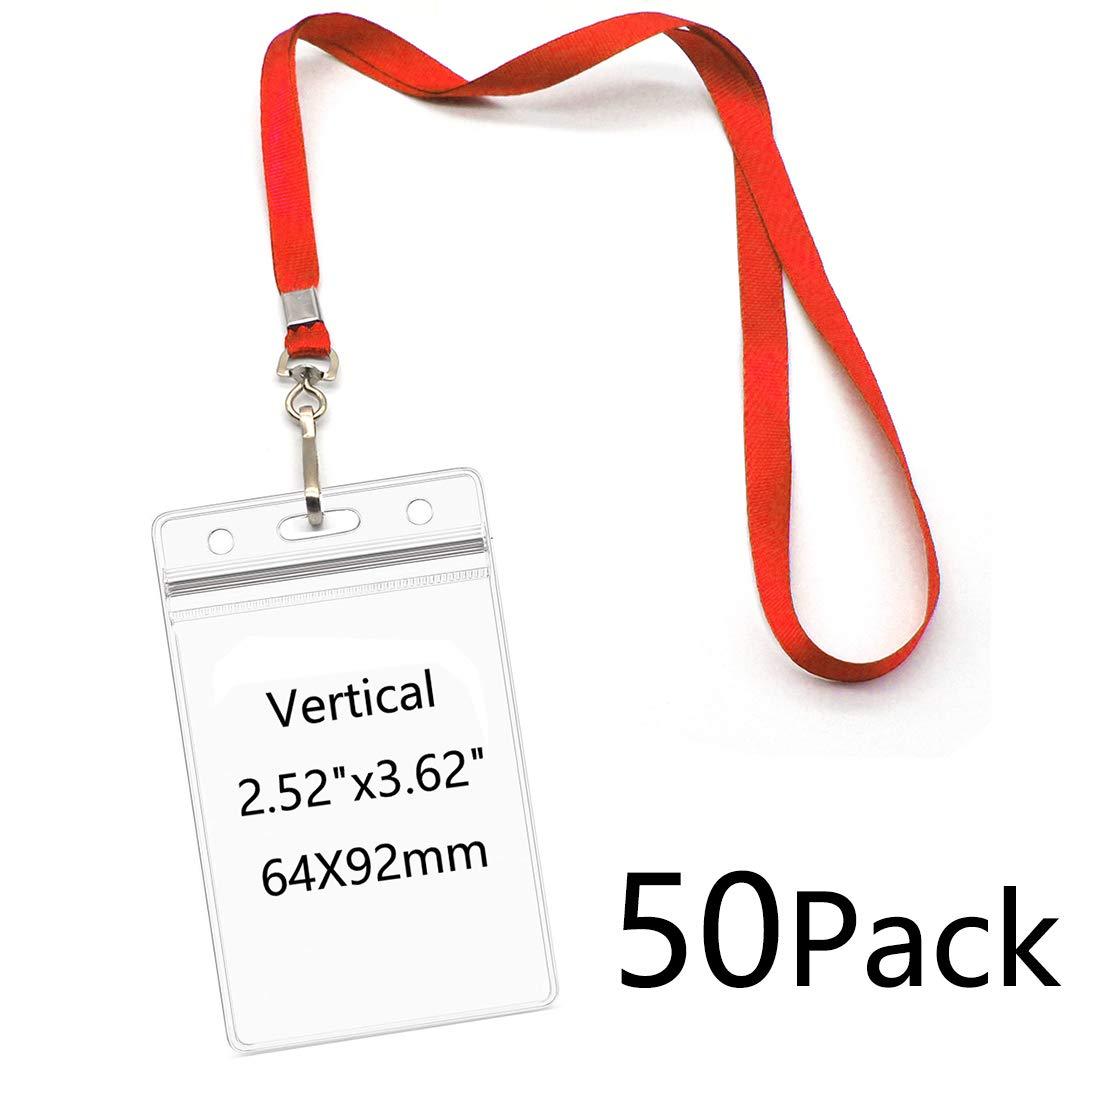 Nome tag porta badge con cordino rosso girevole j-gancio clip impermeabile Nametags protezioni infermiera scuola bambini 50/pezzi Vertical